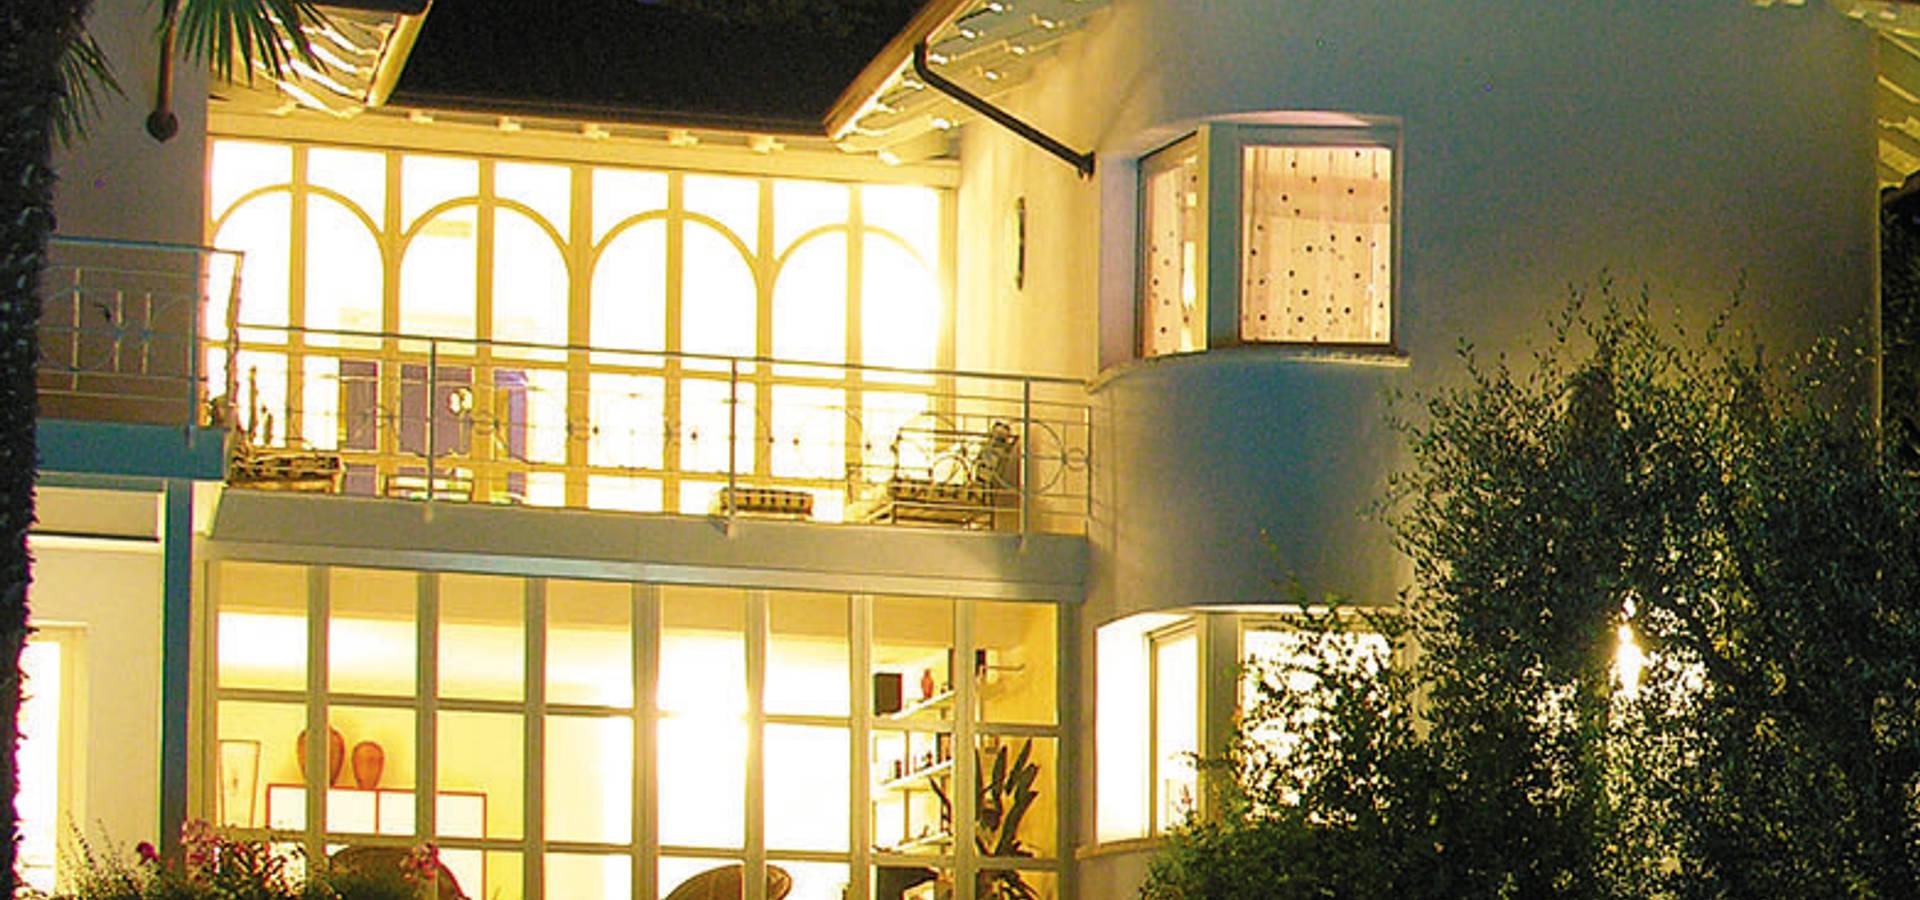 L' Archivolto – Progettazioni di  Architetture e d'Interni